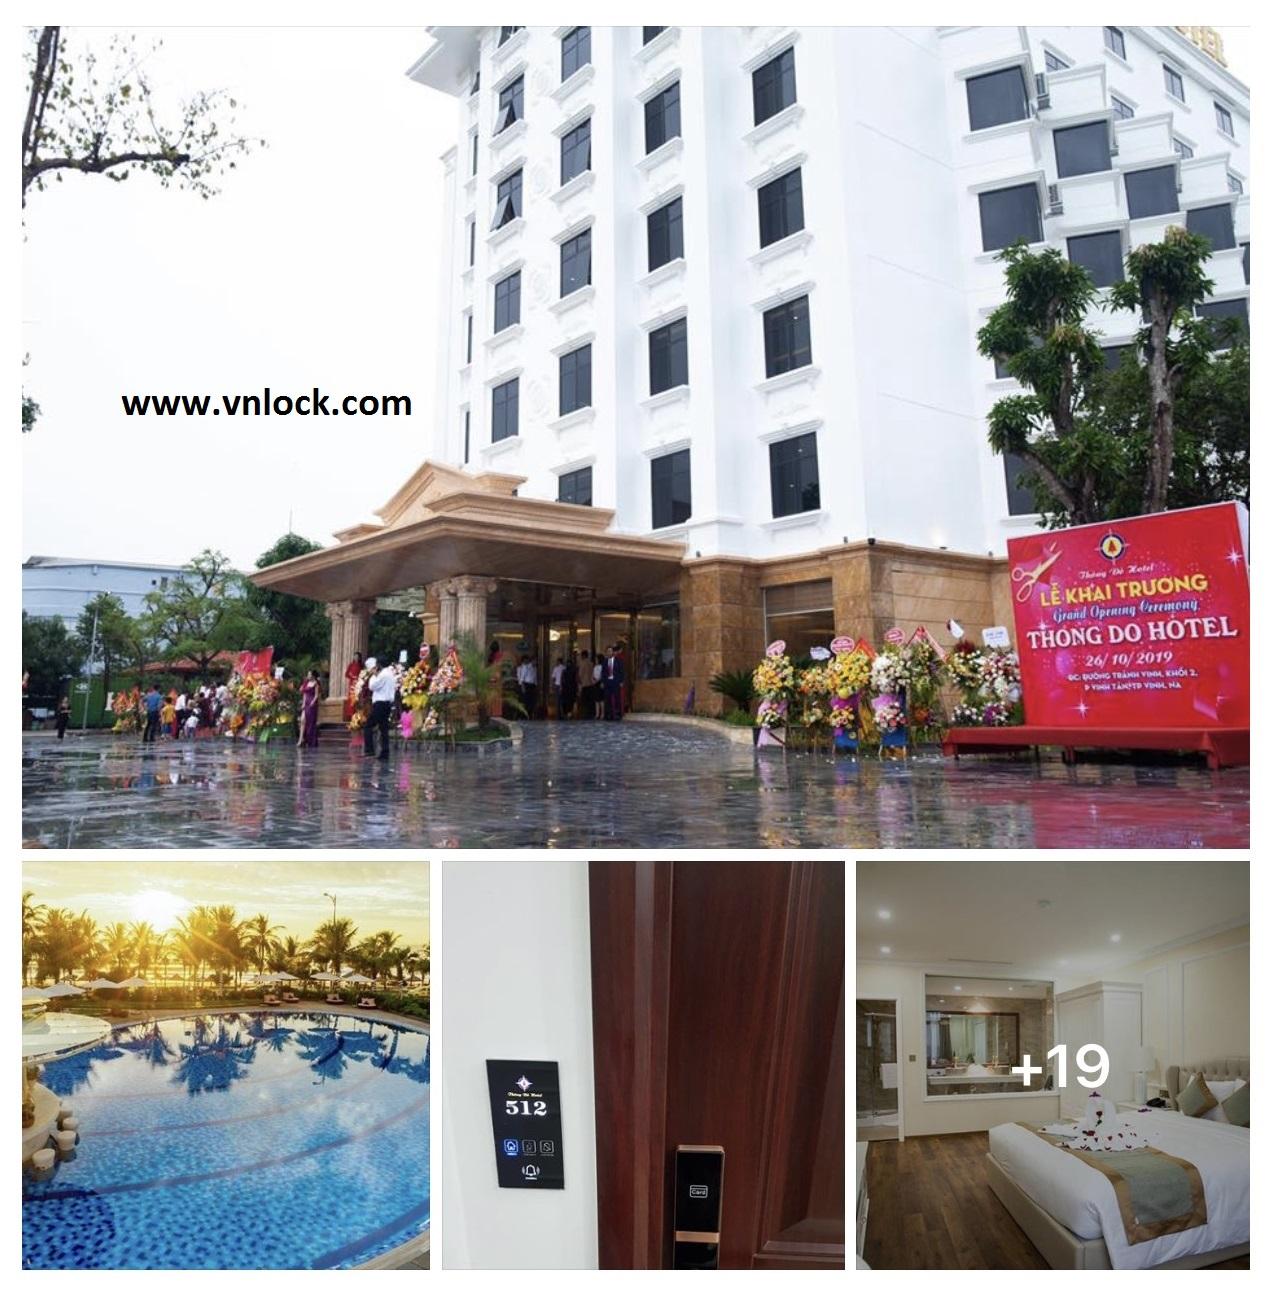 THÔNG ĐỎ HOTEL VINH